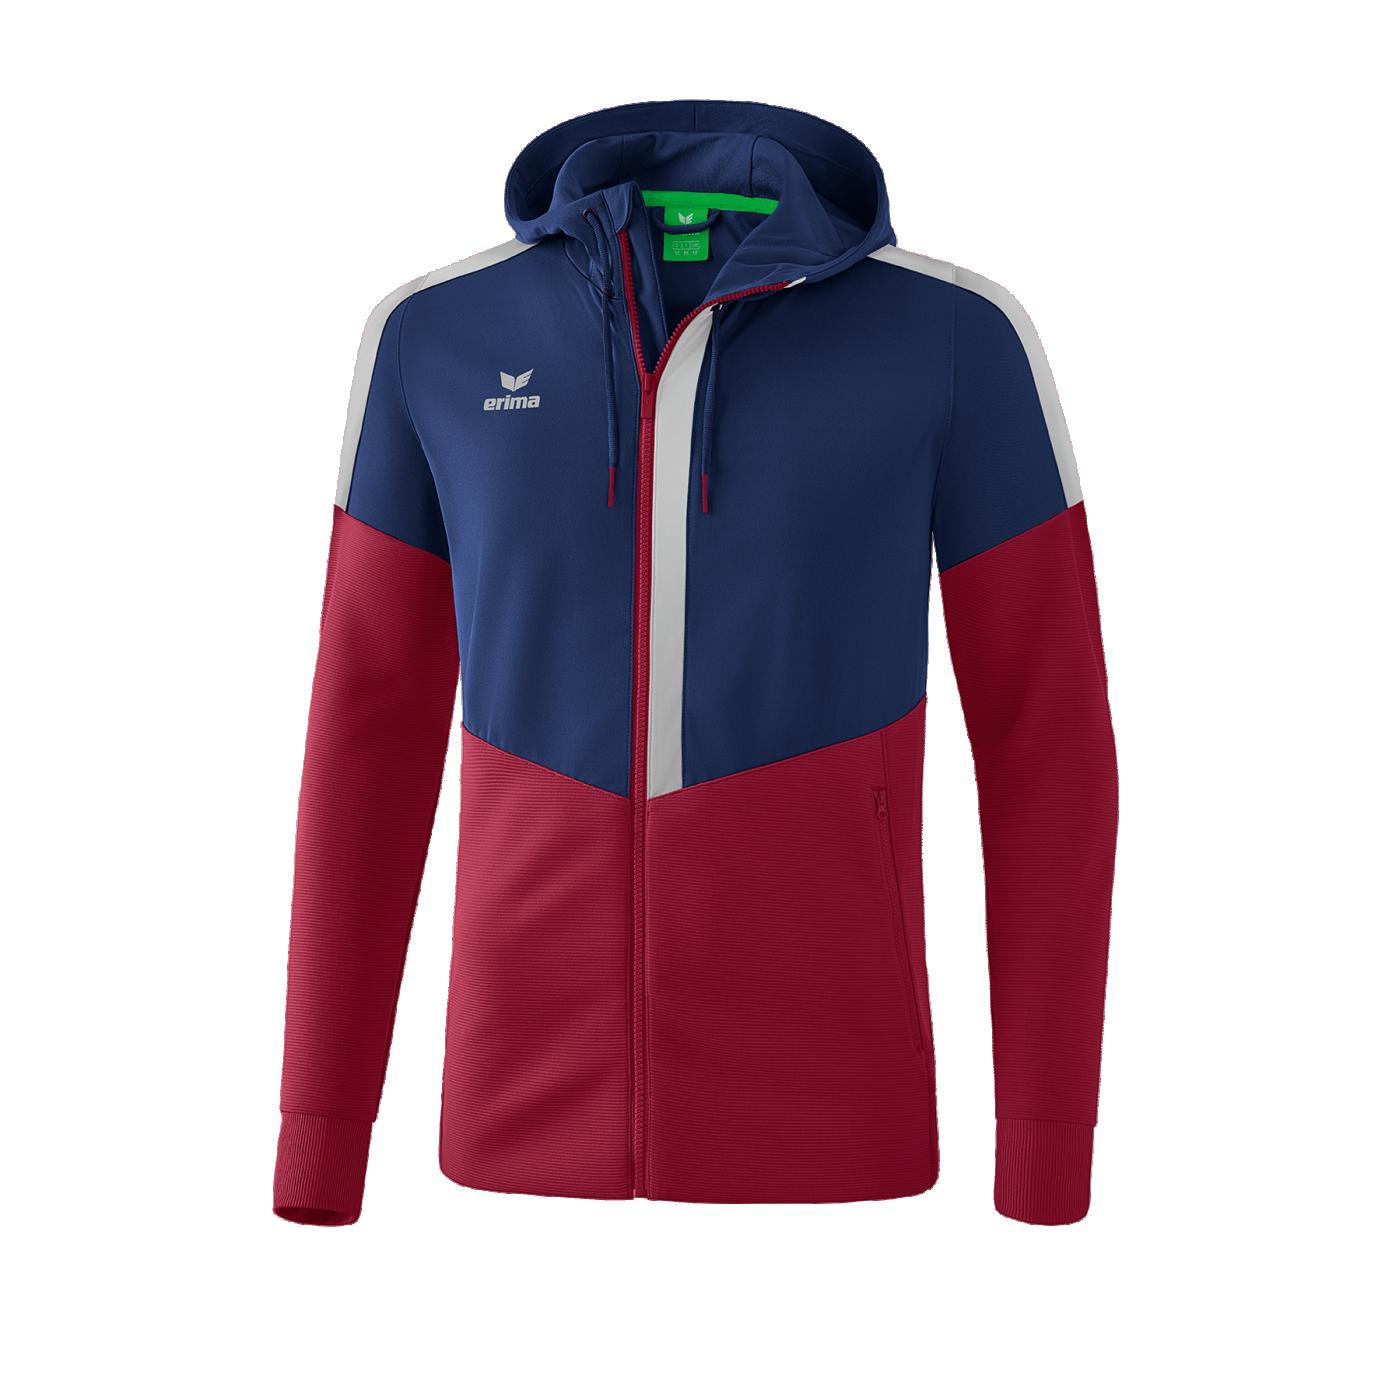 Erima Scquad Jacke Kapuze Trainingsjacke Sportjacke Trainingsanzug Freizeitjacke